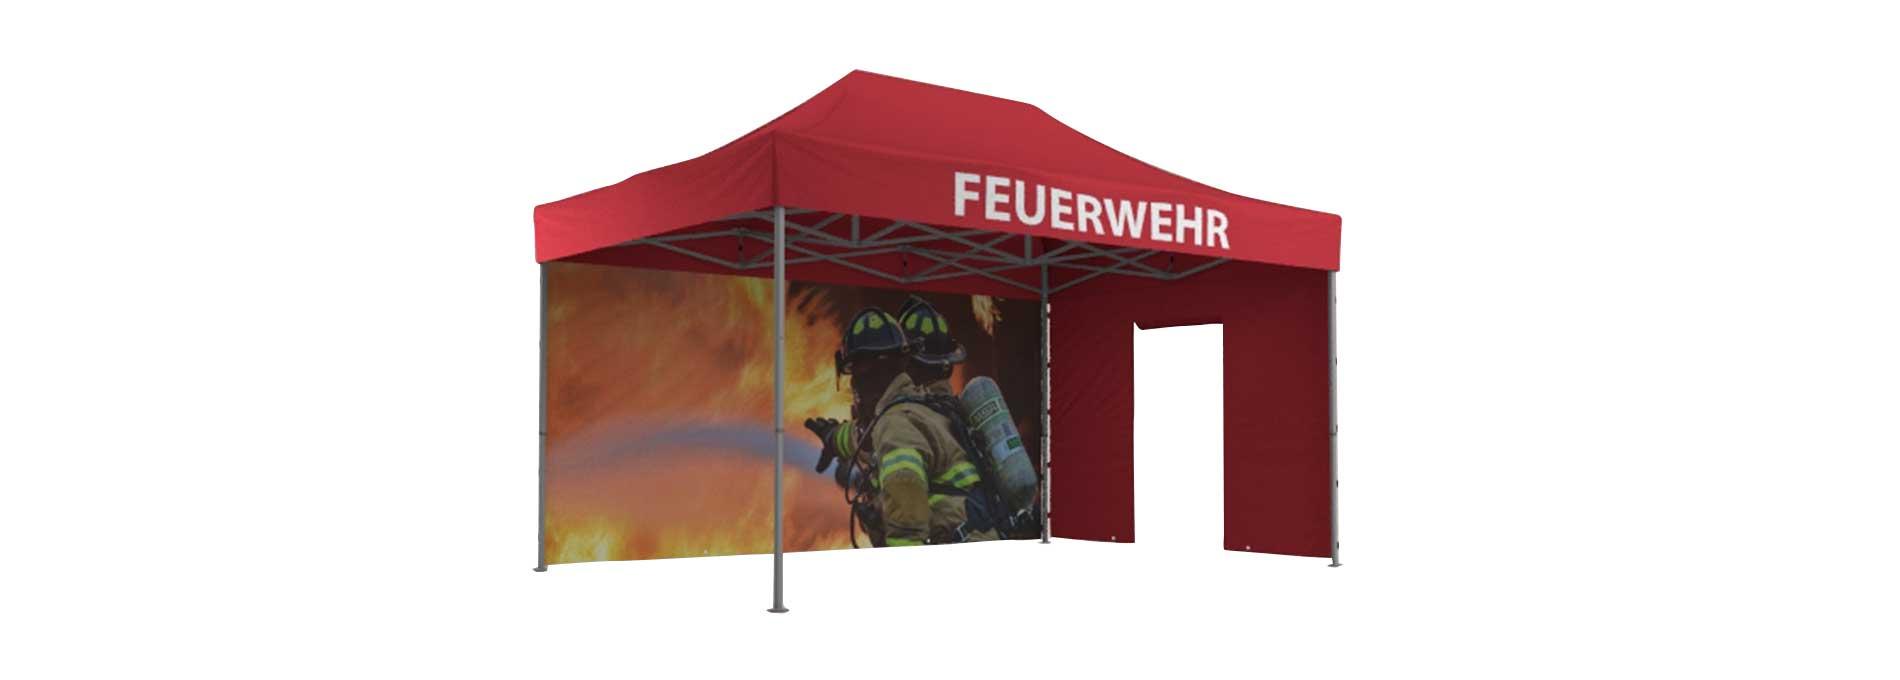 Rotes Feuerwehrzelt mit bedruckten Seitenwänden.